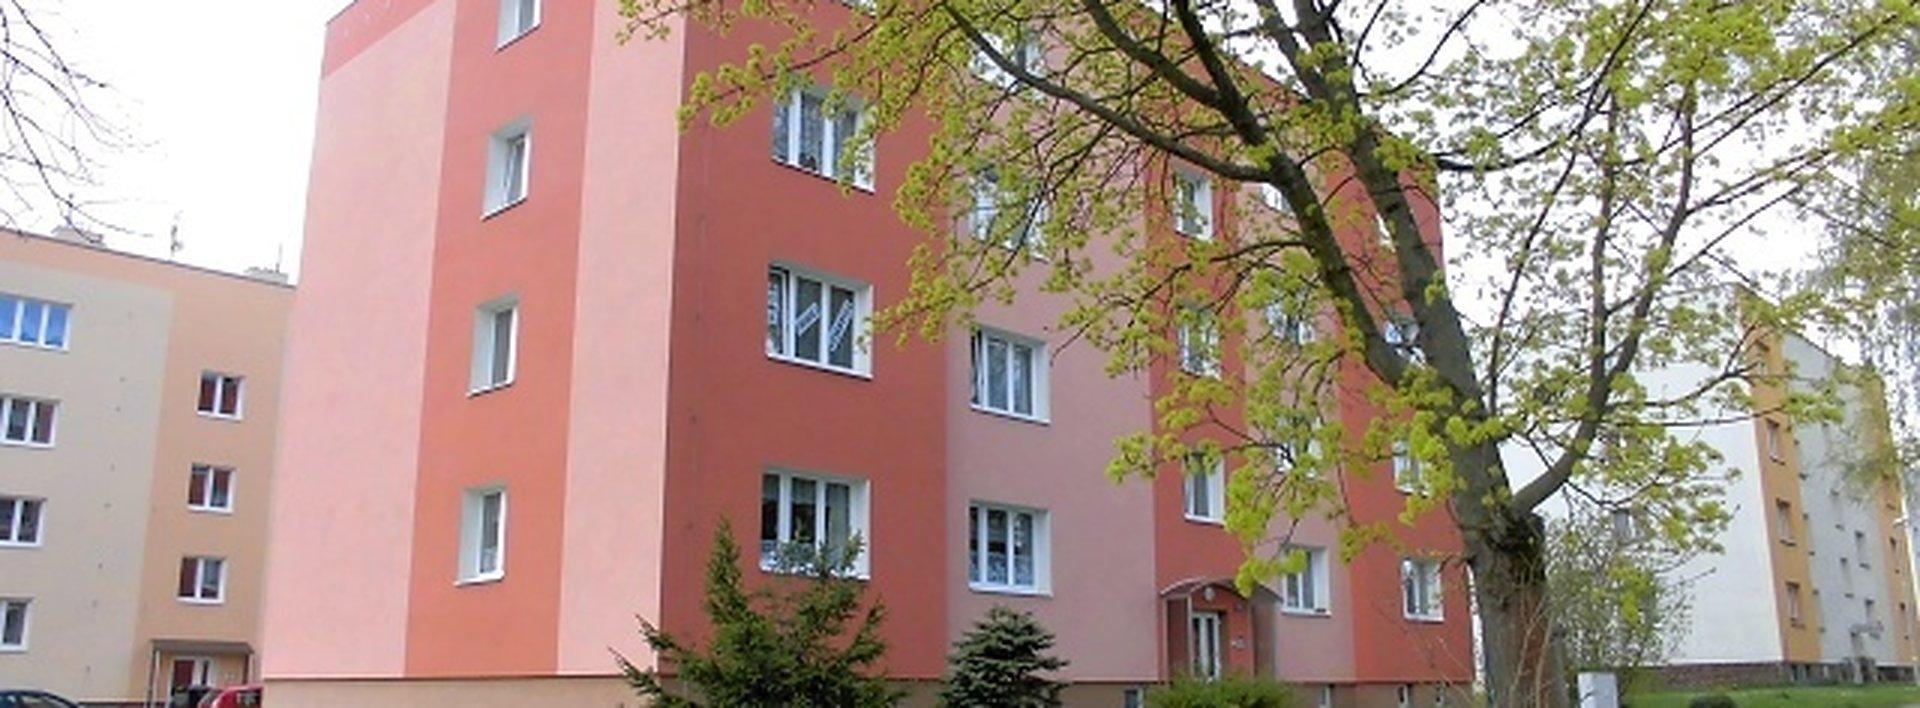 Krásně prostorný a slunný byt 3+1 v atraktivní části obce Smržovka, Ev.č.: N46601